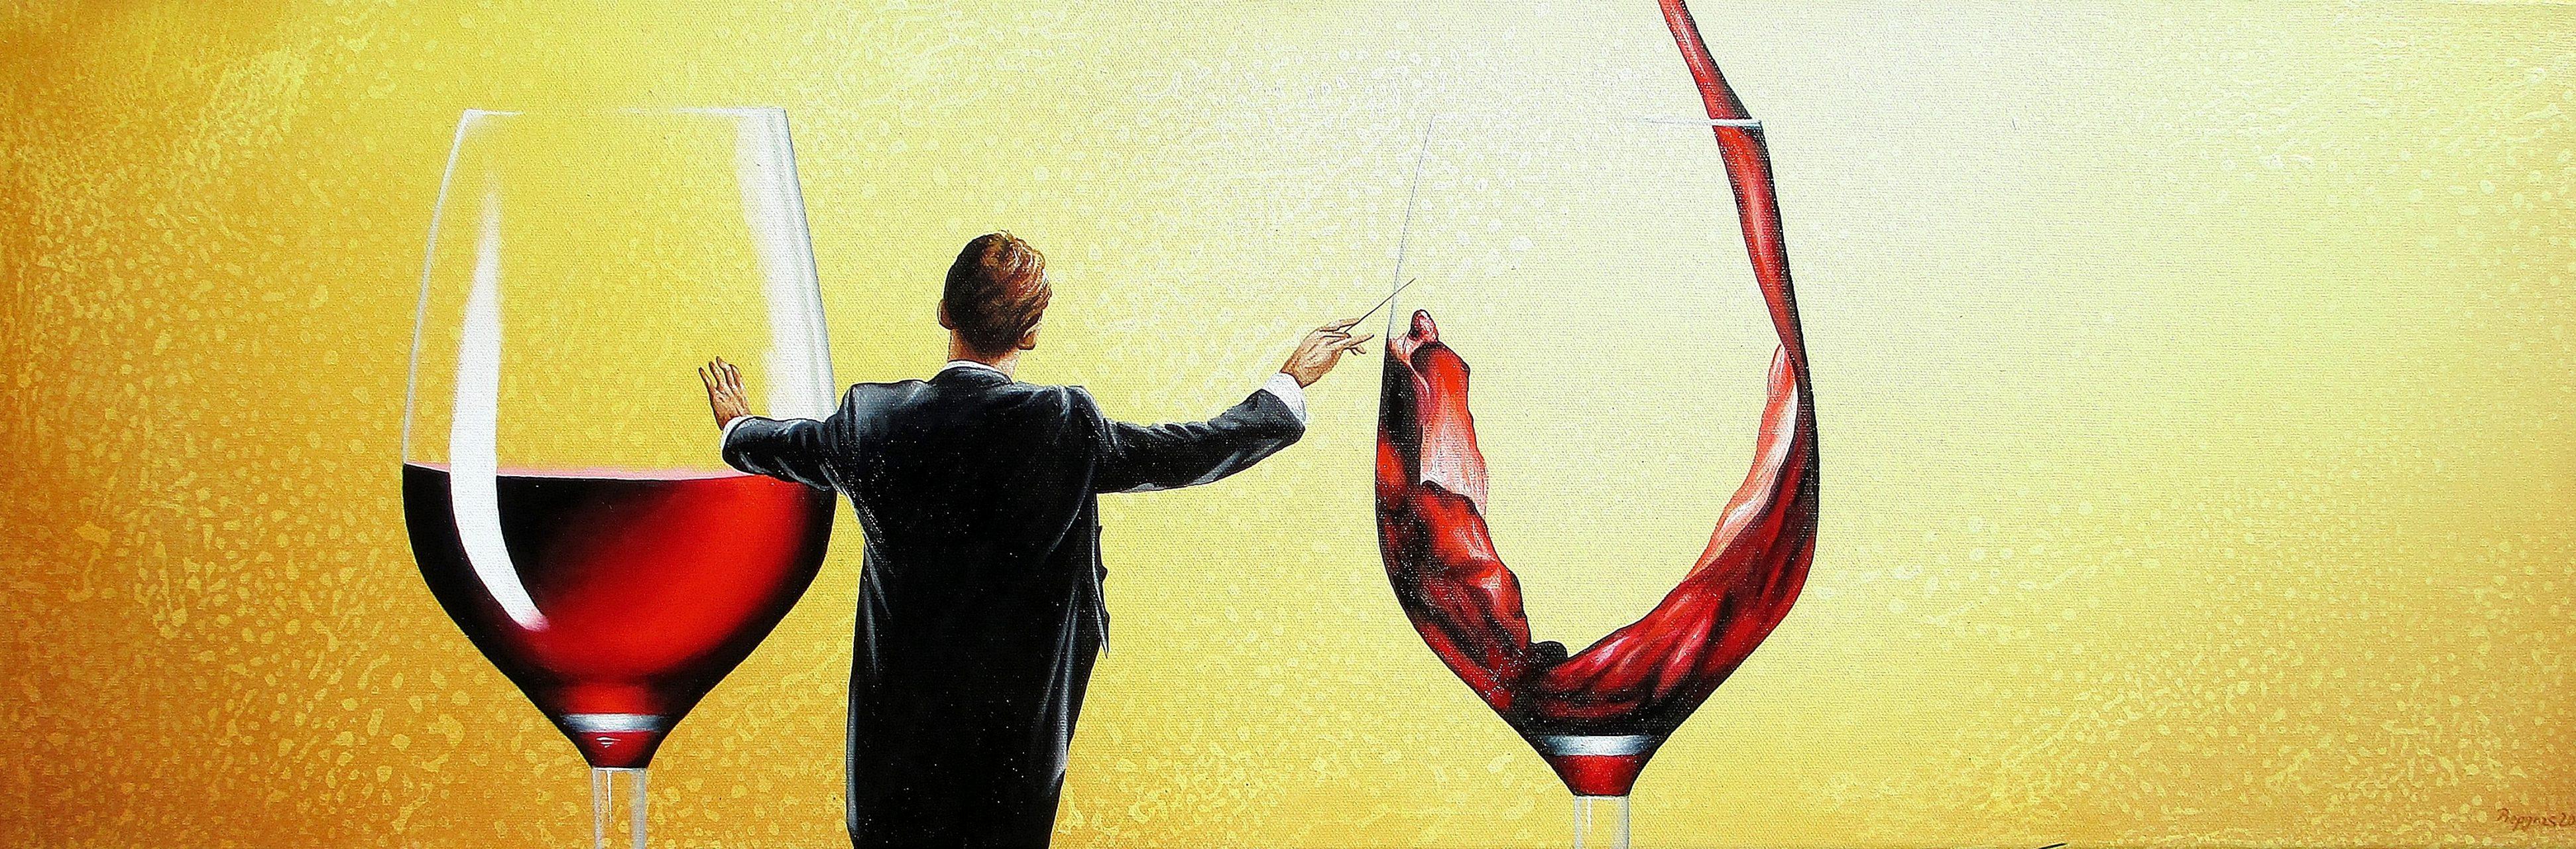 Wer Das Rot Zu Schätzen Weiss 30 x 90 cm Öl, Acryl auf Leinwand